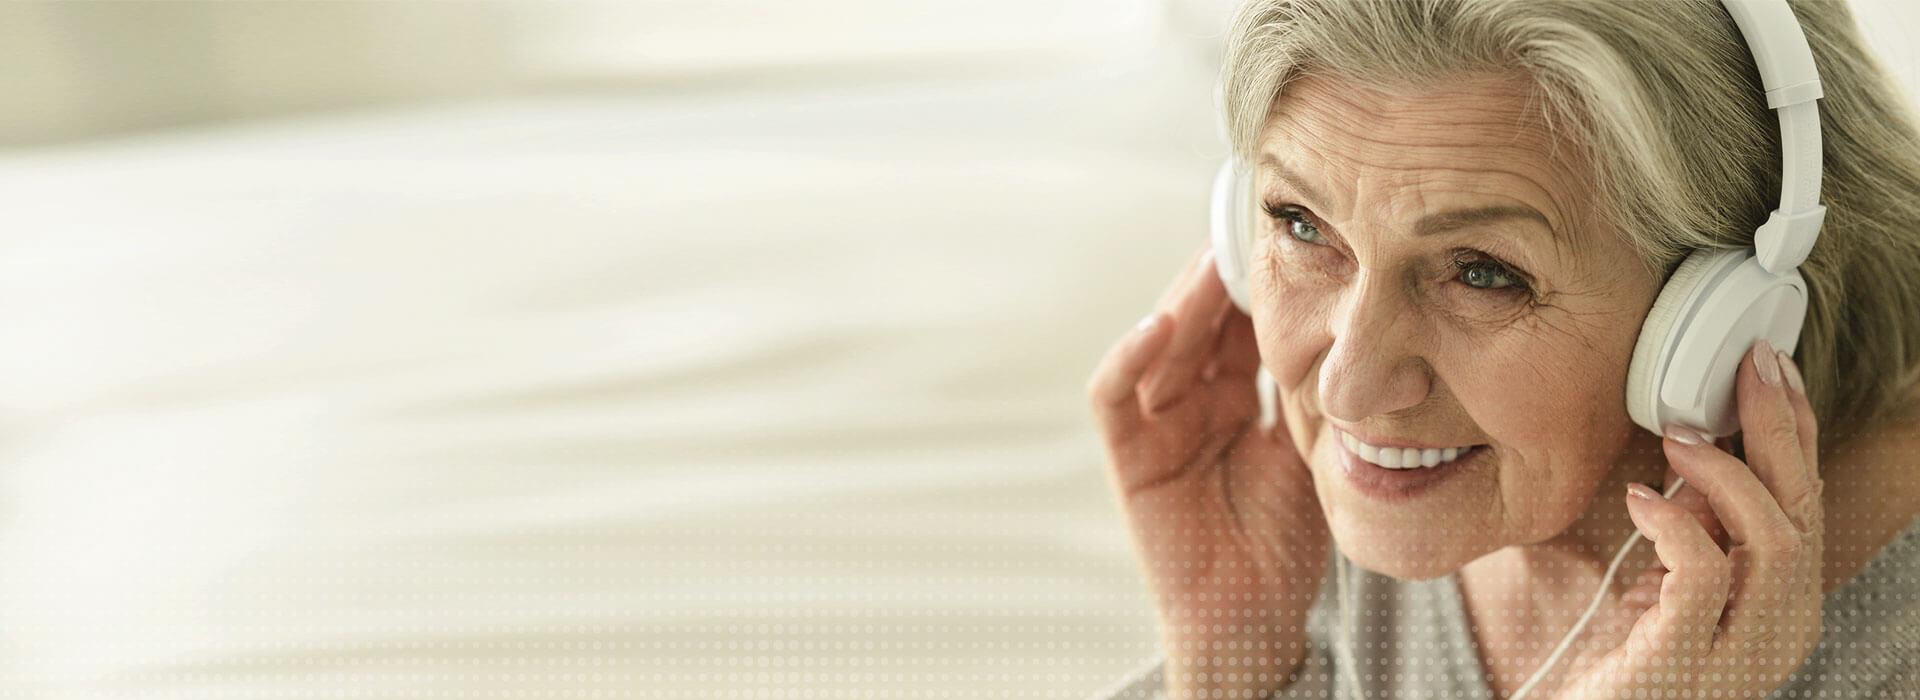 une femme âgée entend avec ses écouteurs